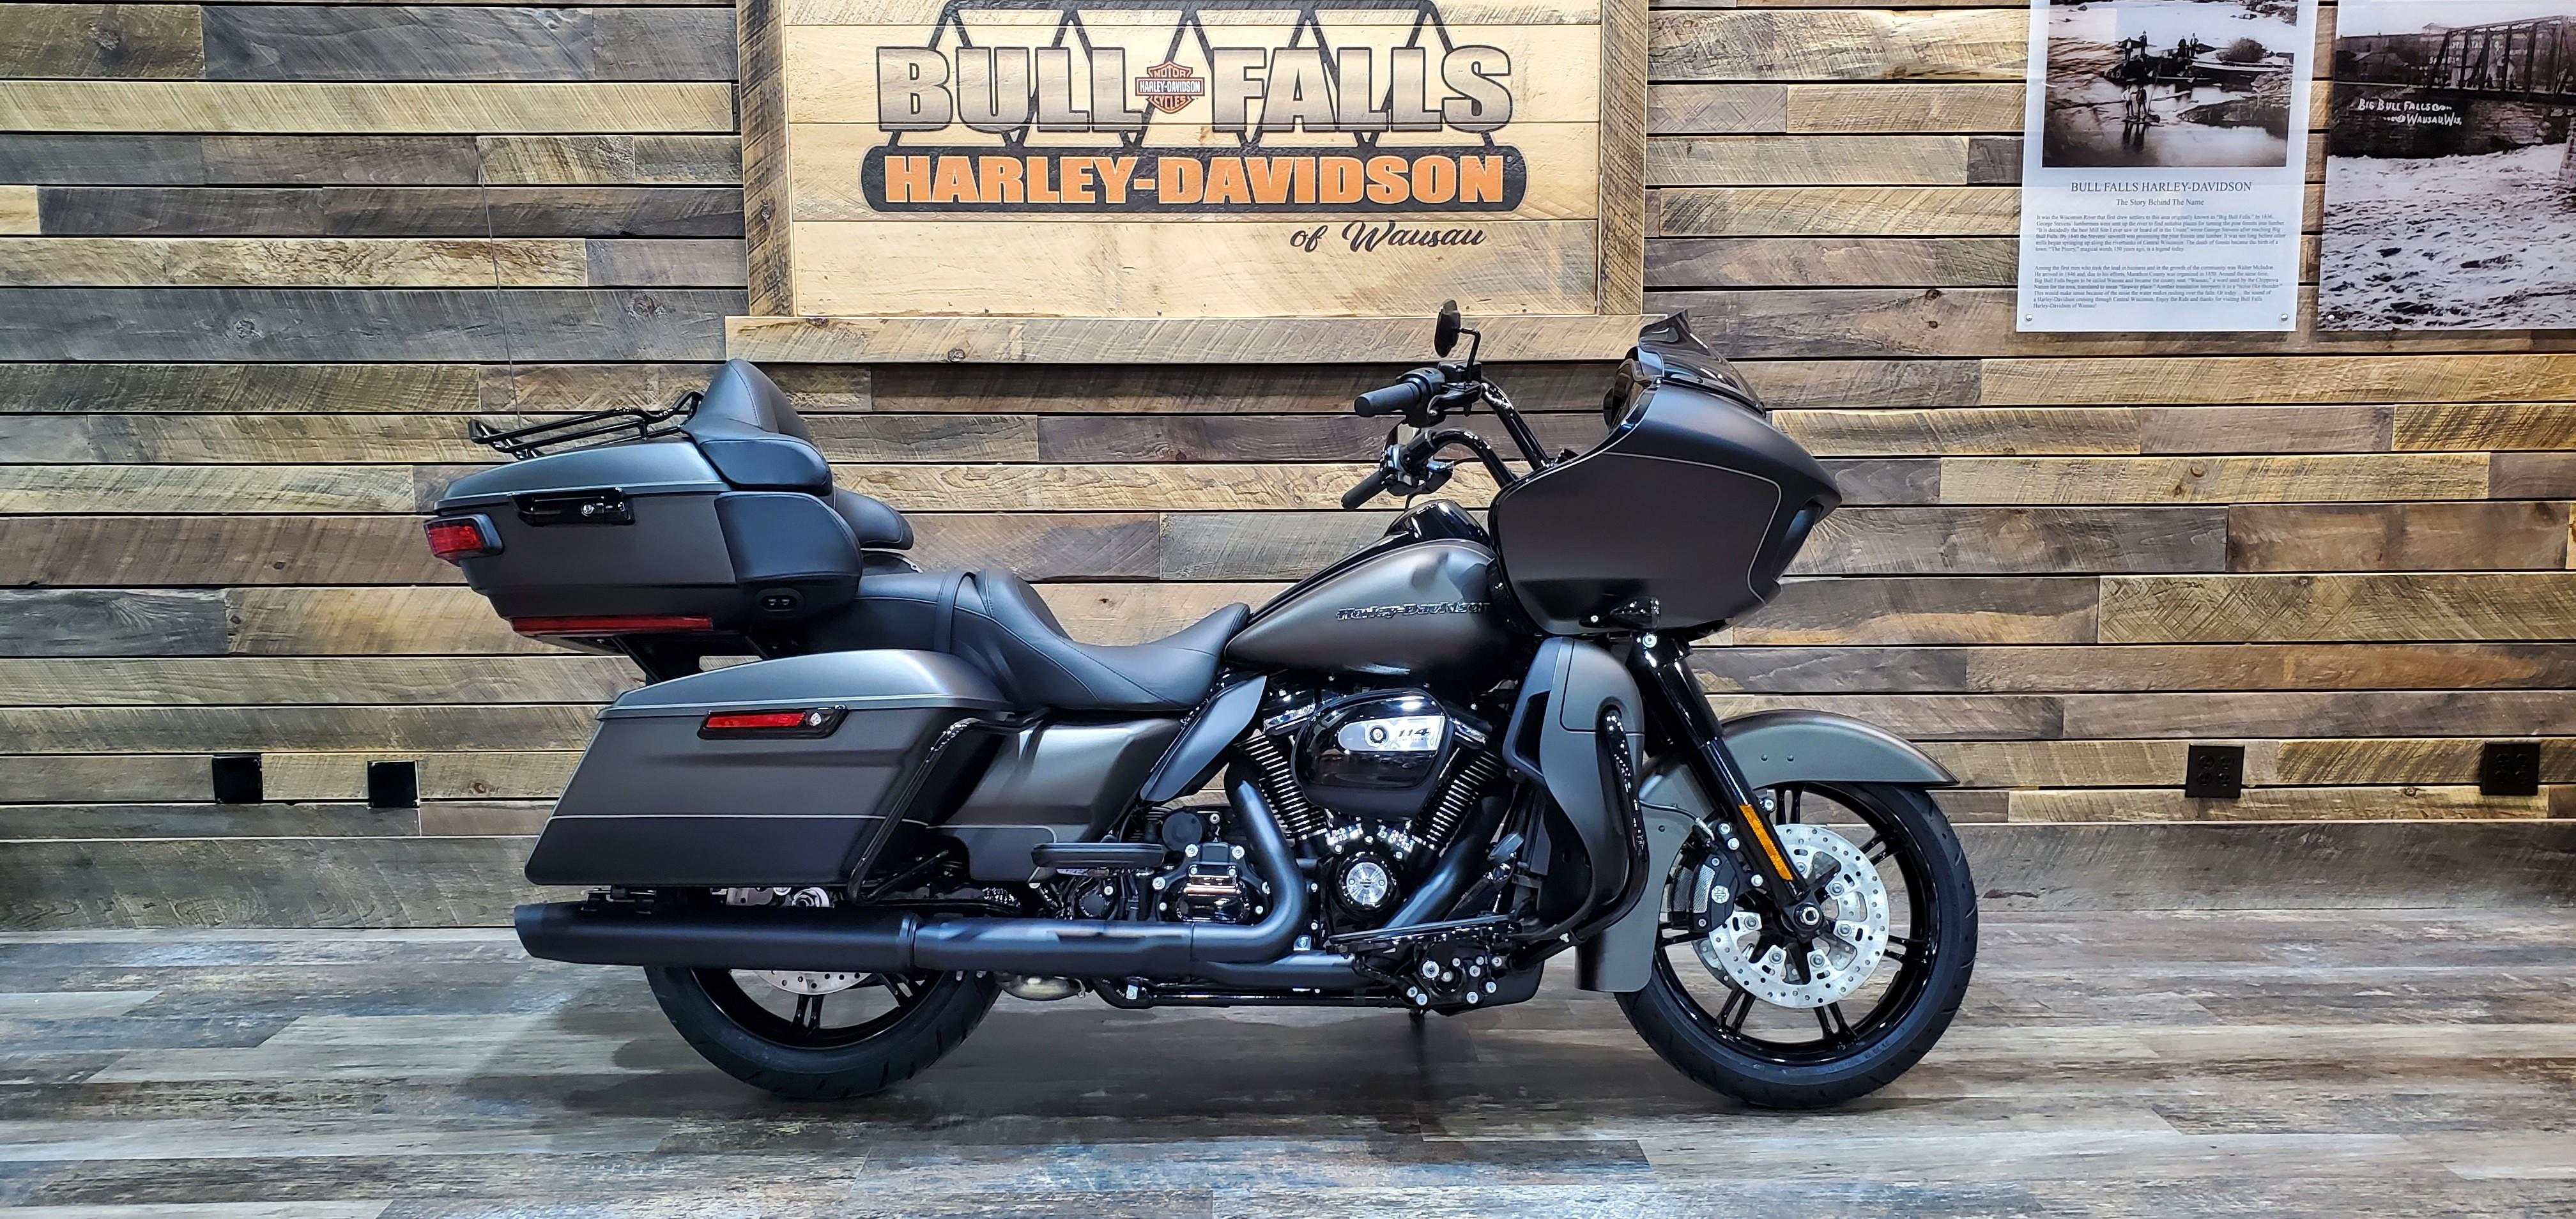 2021 Harley-Davidson Touring Road Glide Limited at Bull Falls Harley-Davidson